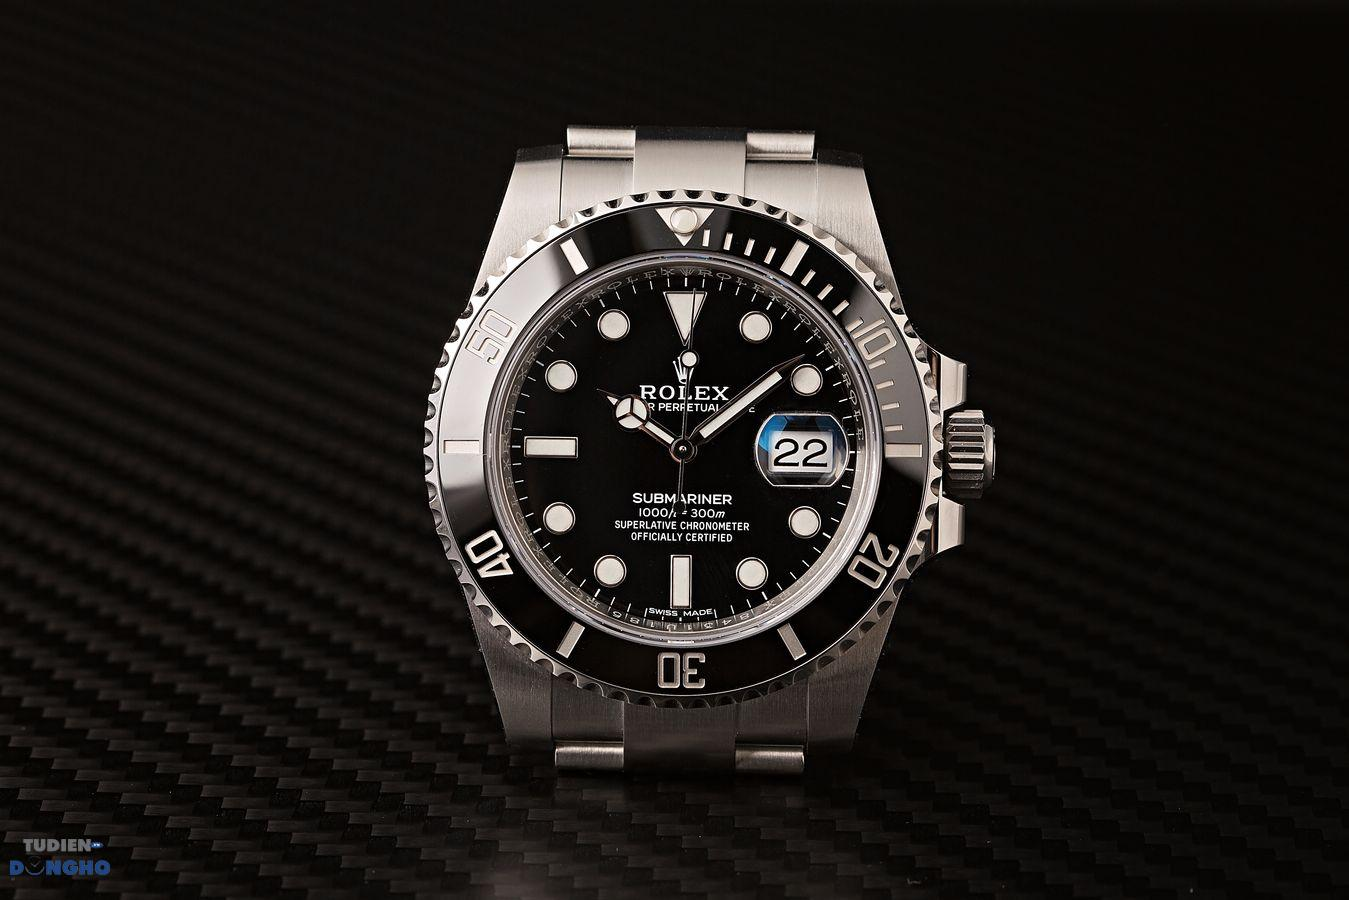 Rolex giới thiệu mẫu GMT-Master IIvỏ Super Case vào năm 2005